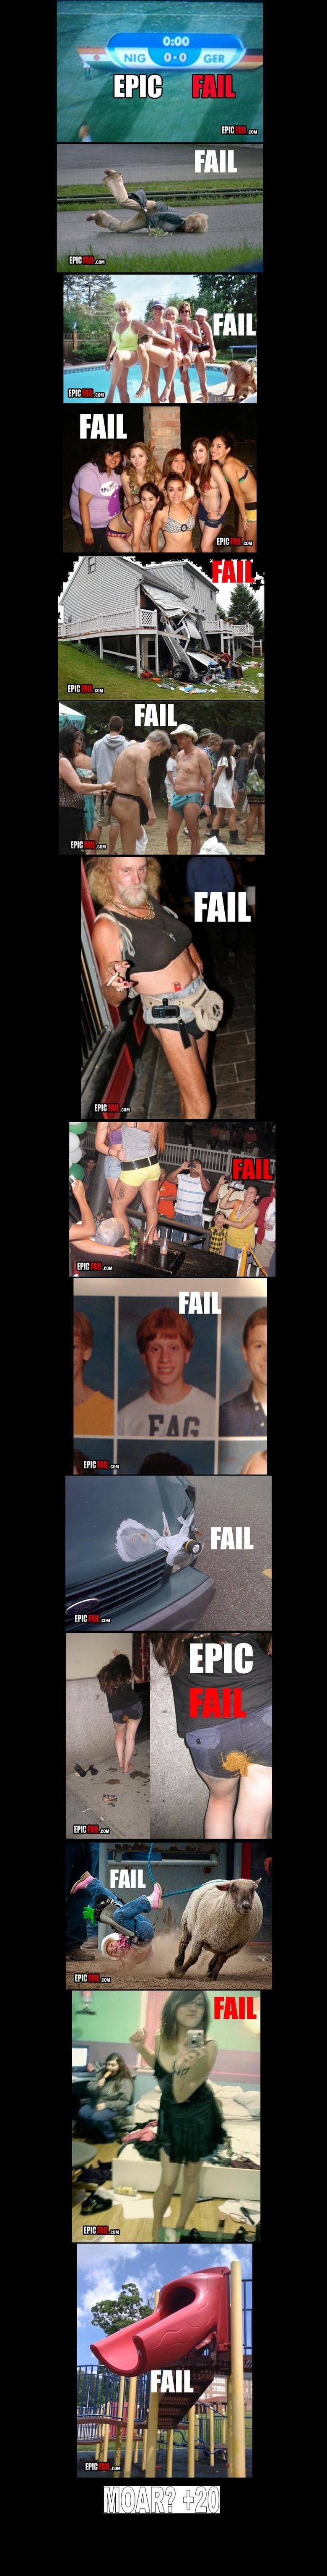 Epic Fails 3. None should be Retoast<br /> Epic Fails 2:<br /> www.funnyjunk.com/funny_pictures/684445/Epic+Fails+2/<br /> Epic Fails4: <br